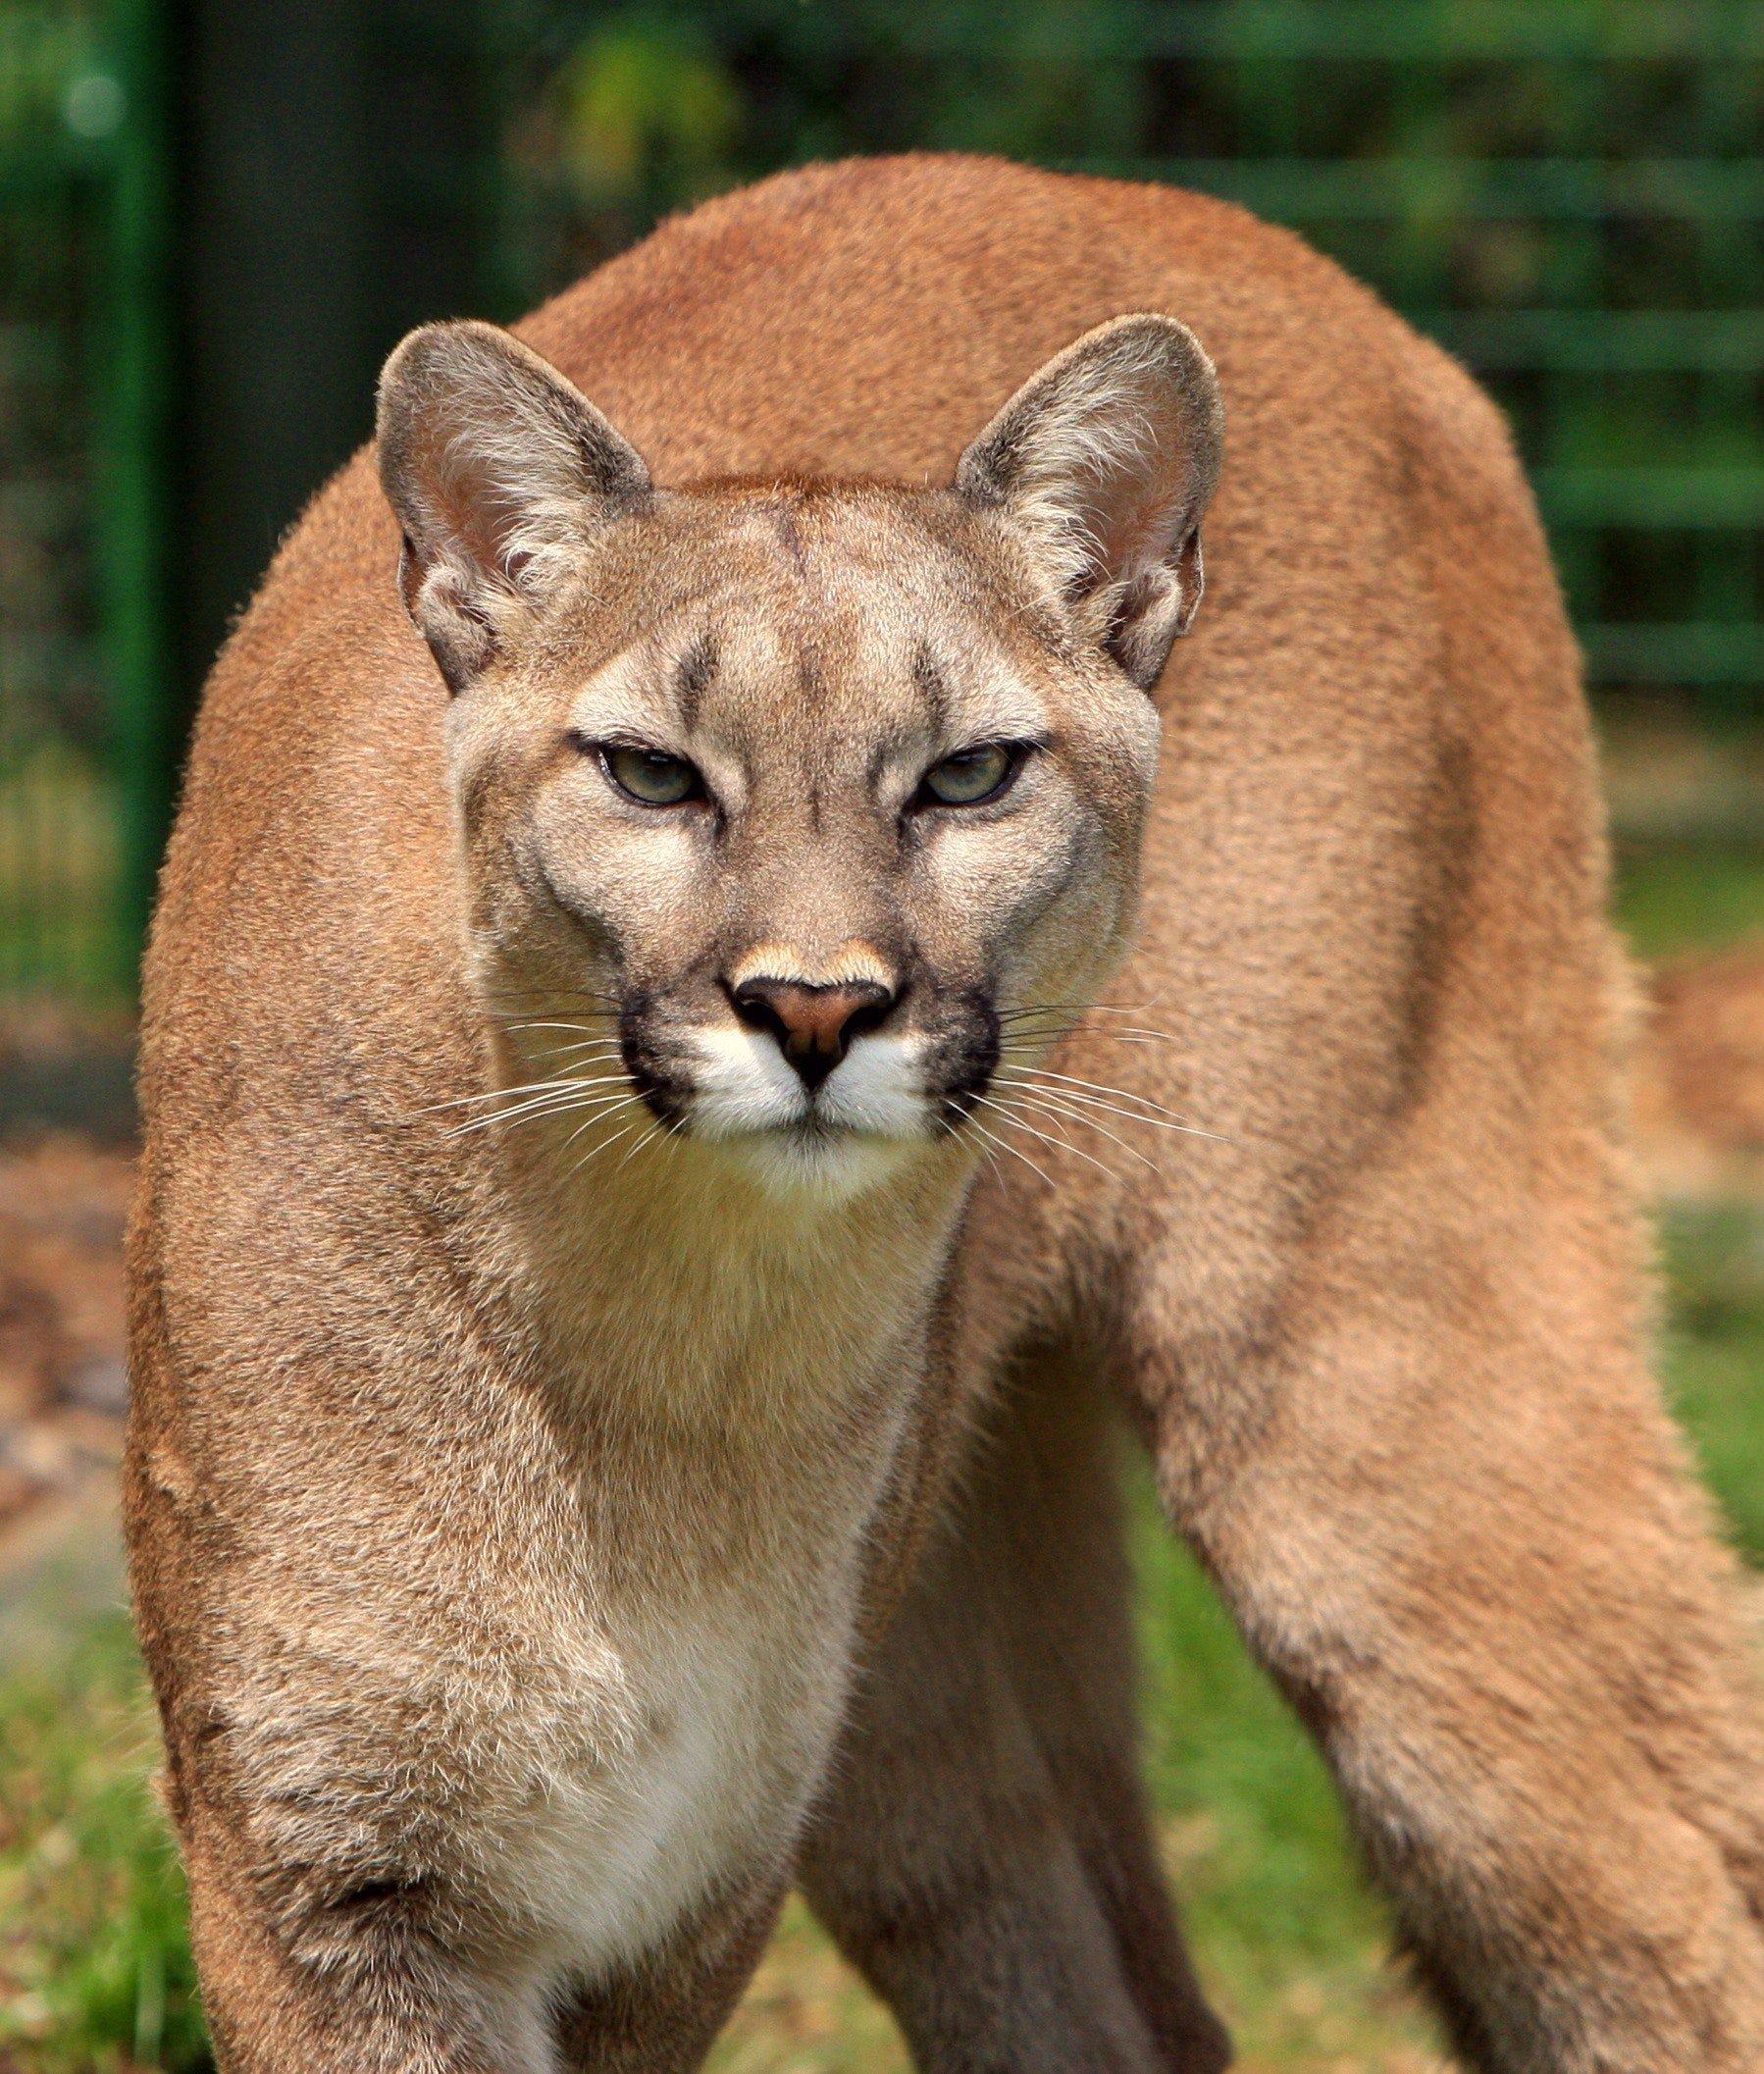 Puma | Quelle: Pexels